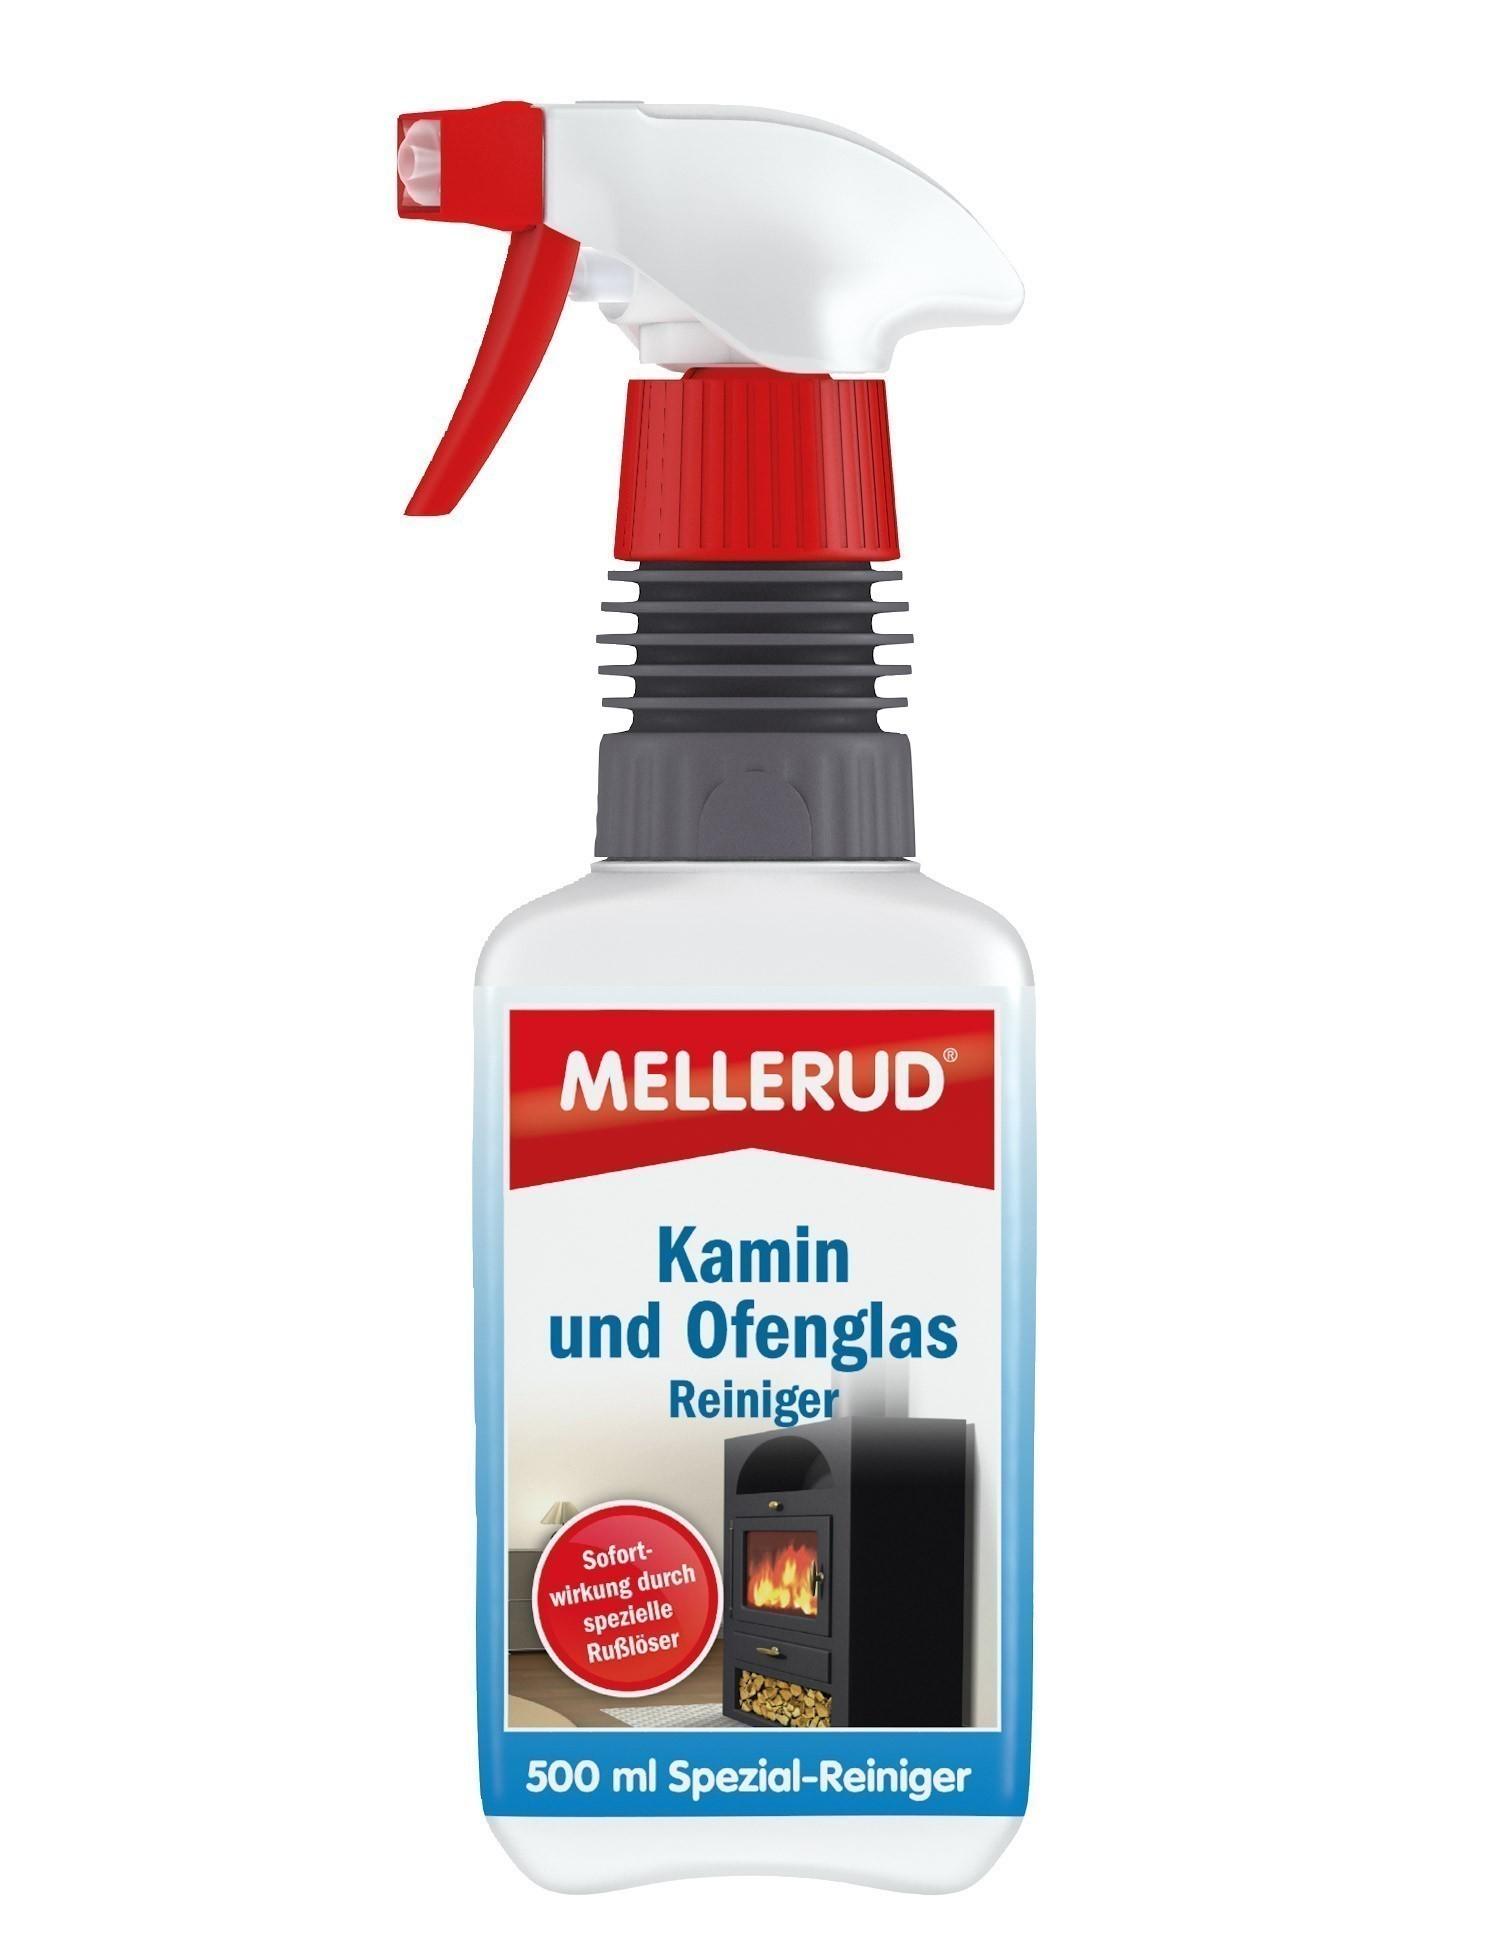 MELLERUD Kamin und Ofenglas Reiniger Aktivschaum 0,5 Liter Bild 1